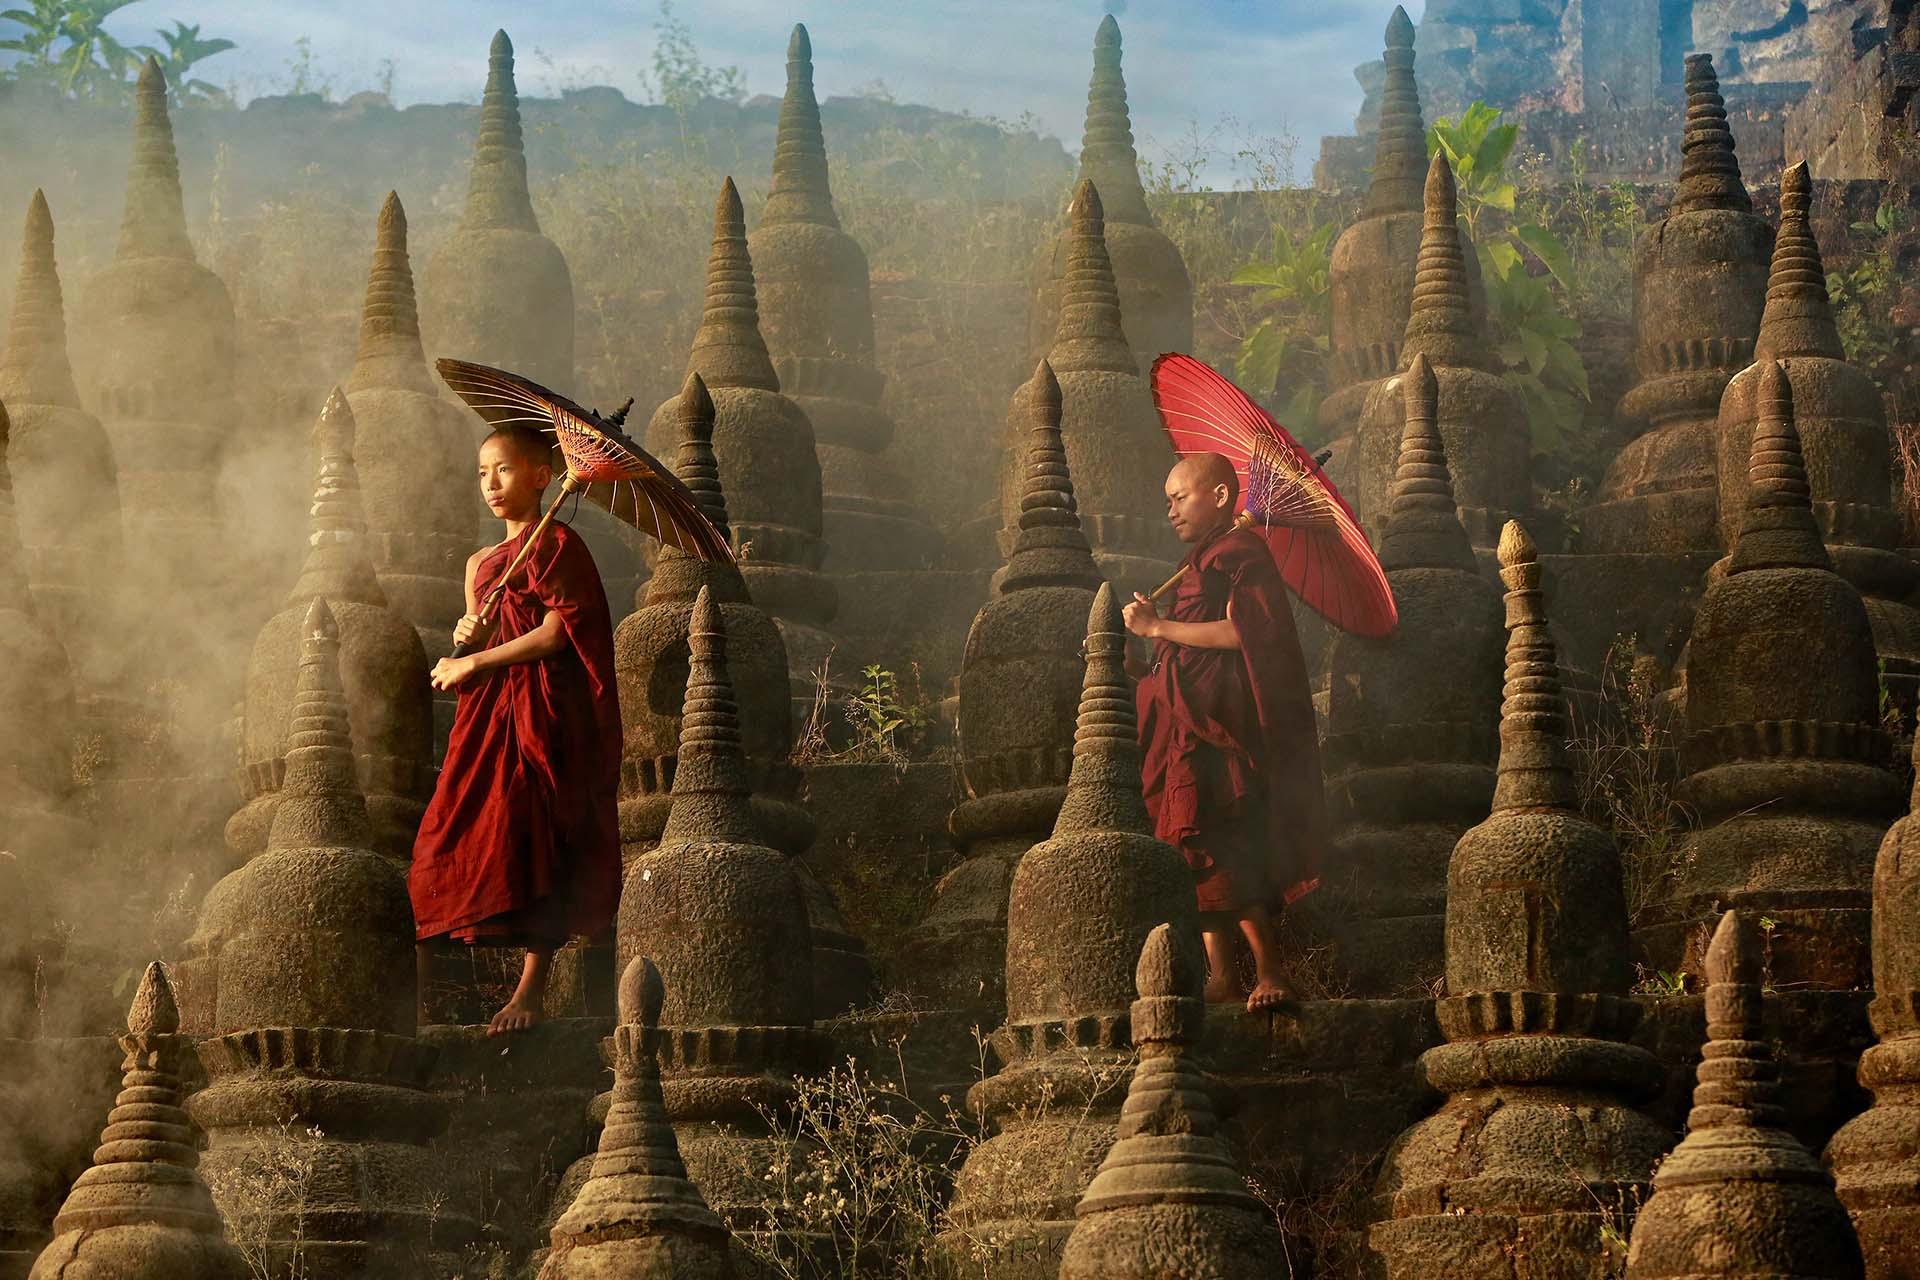 Es una nueva era para esta tierra extraordinaria y compleja, donde el paisaje está disperso con pagodas doradas y las formas tradicionales de Asia perduran